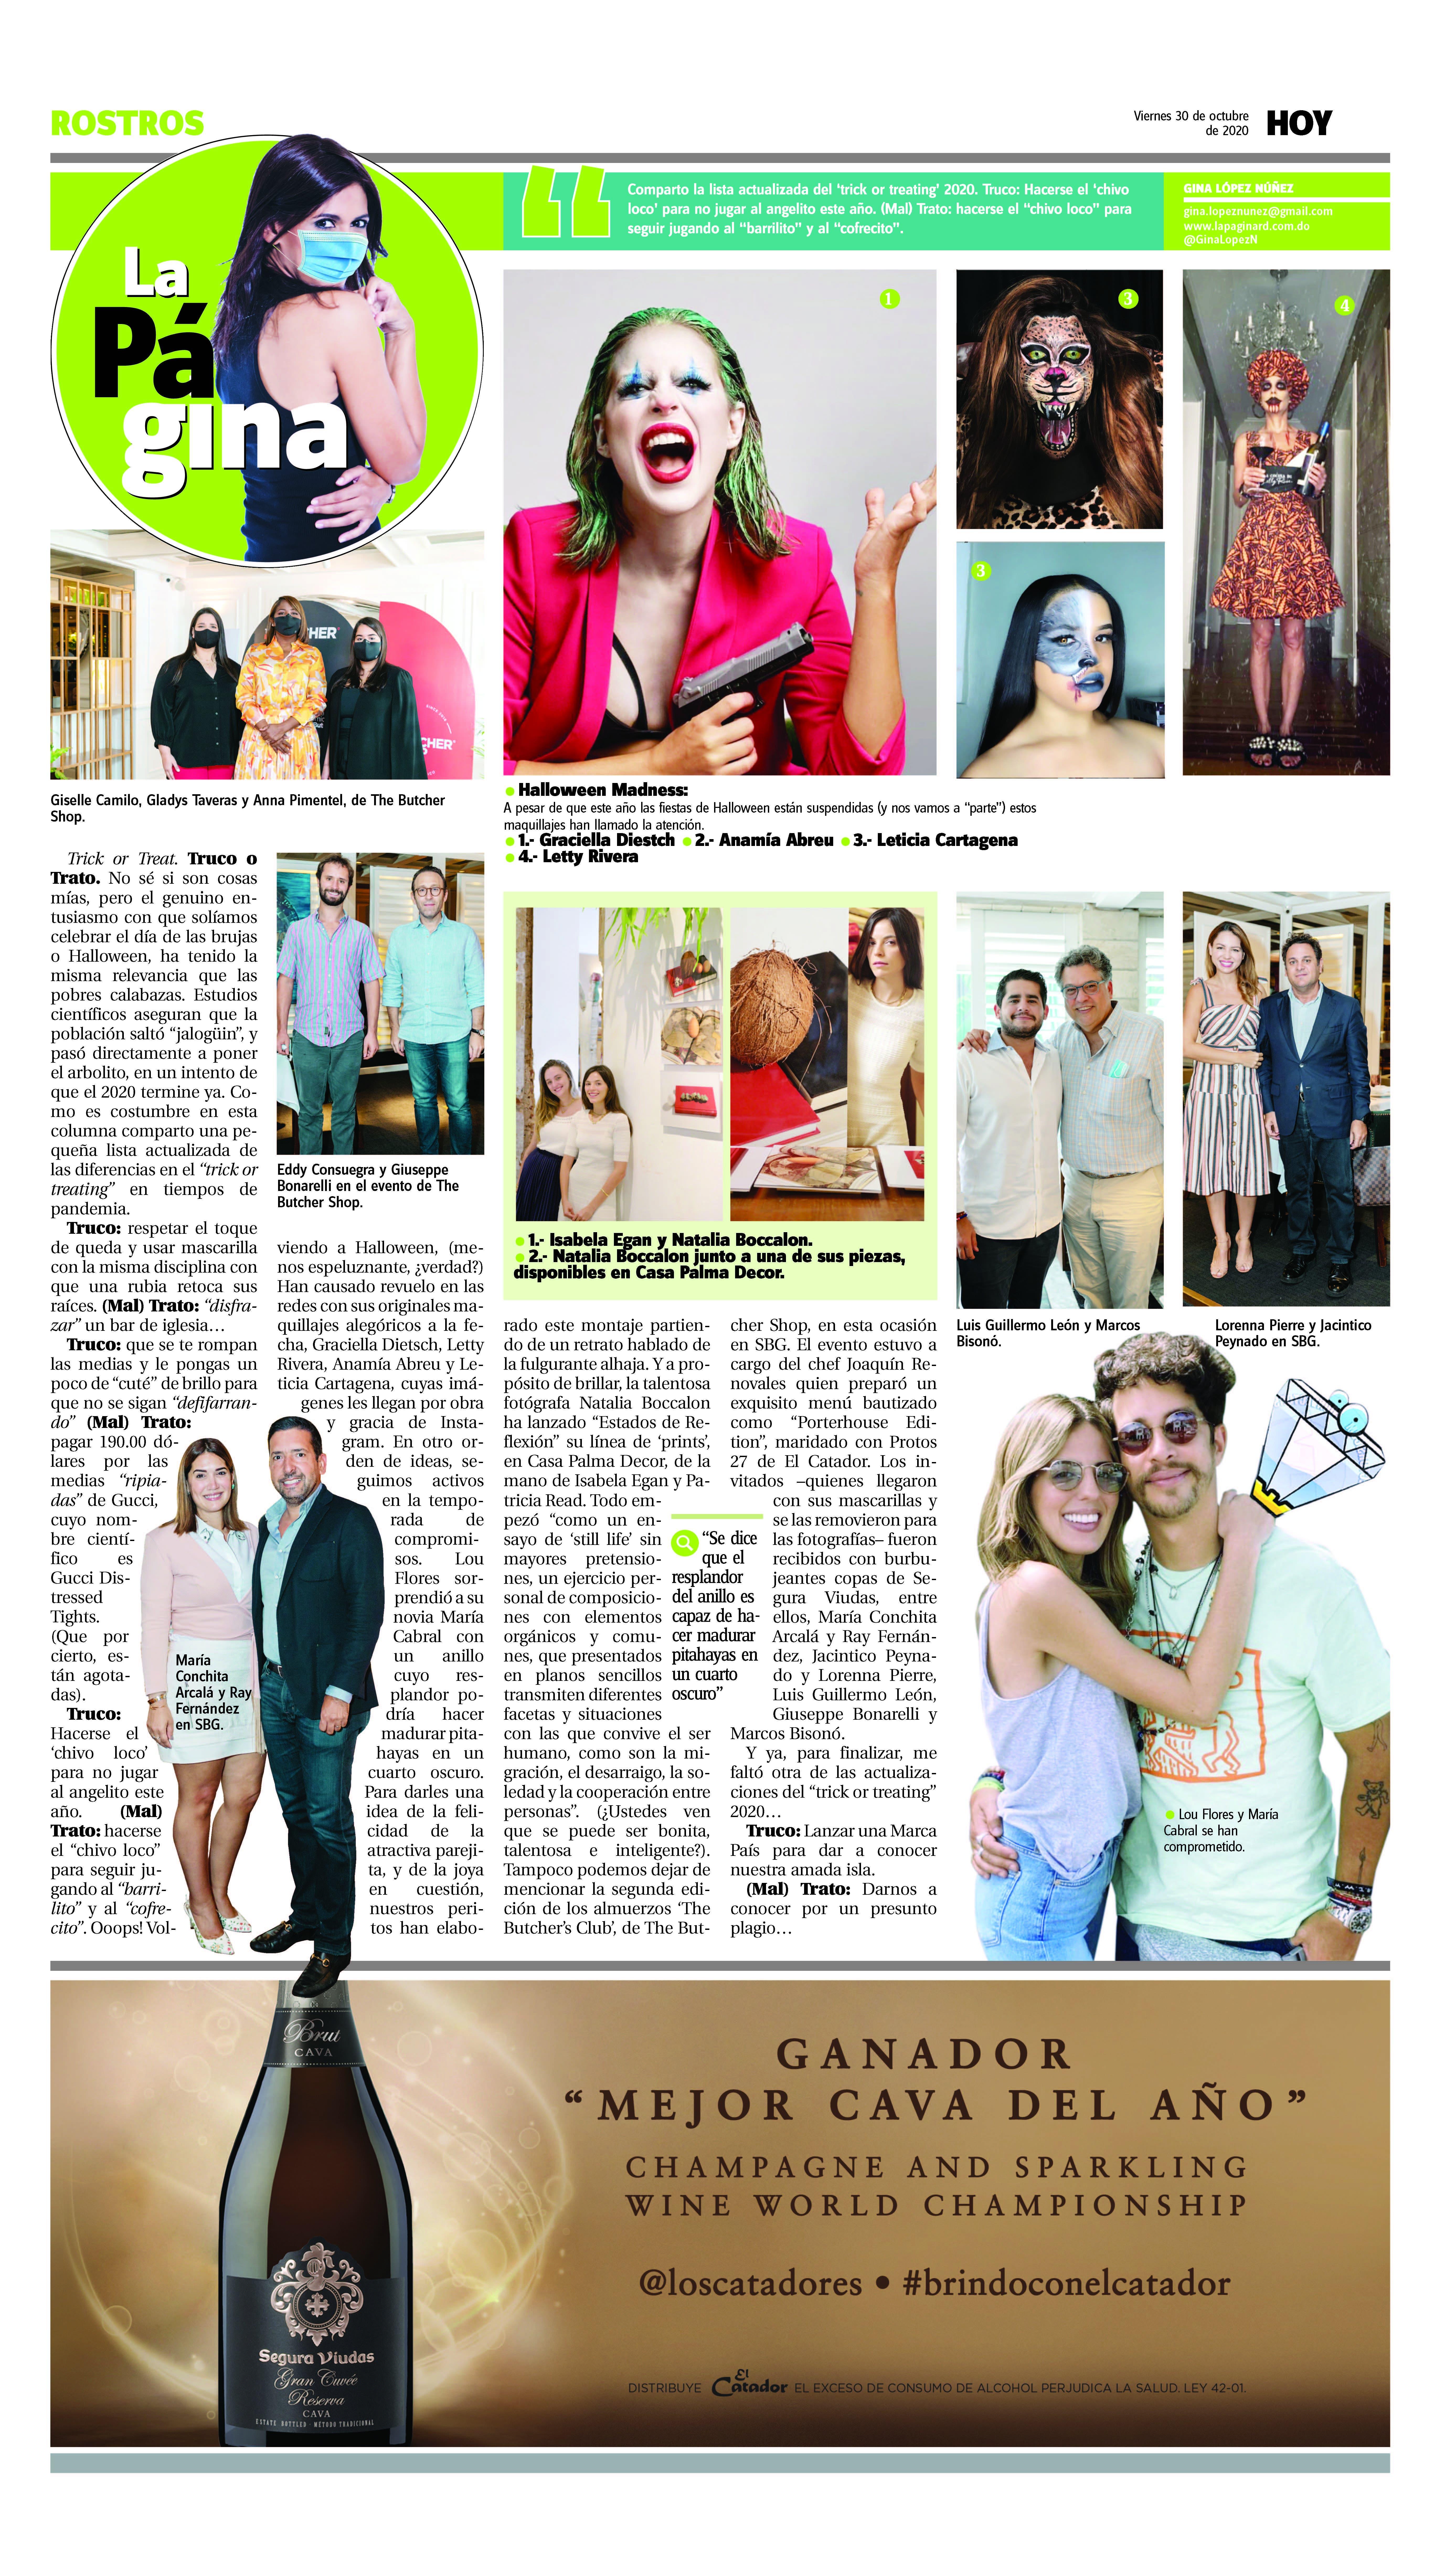 La Página. Viernes 30 de octubre